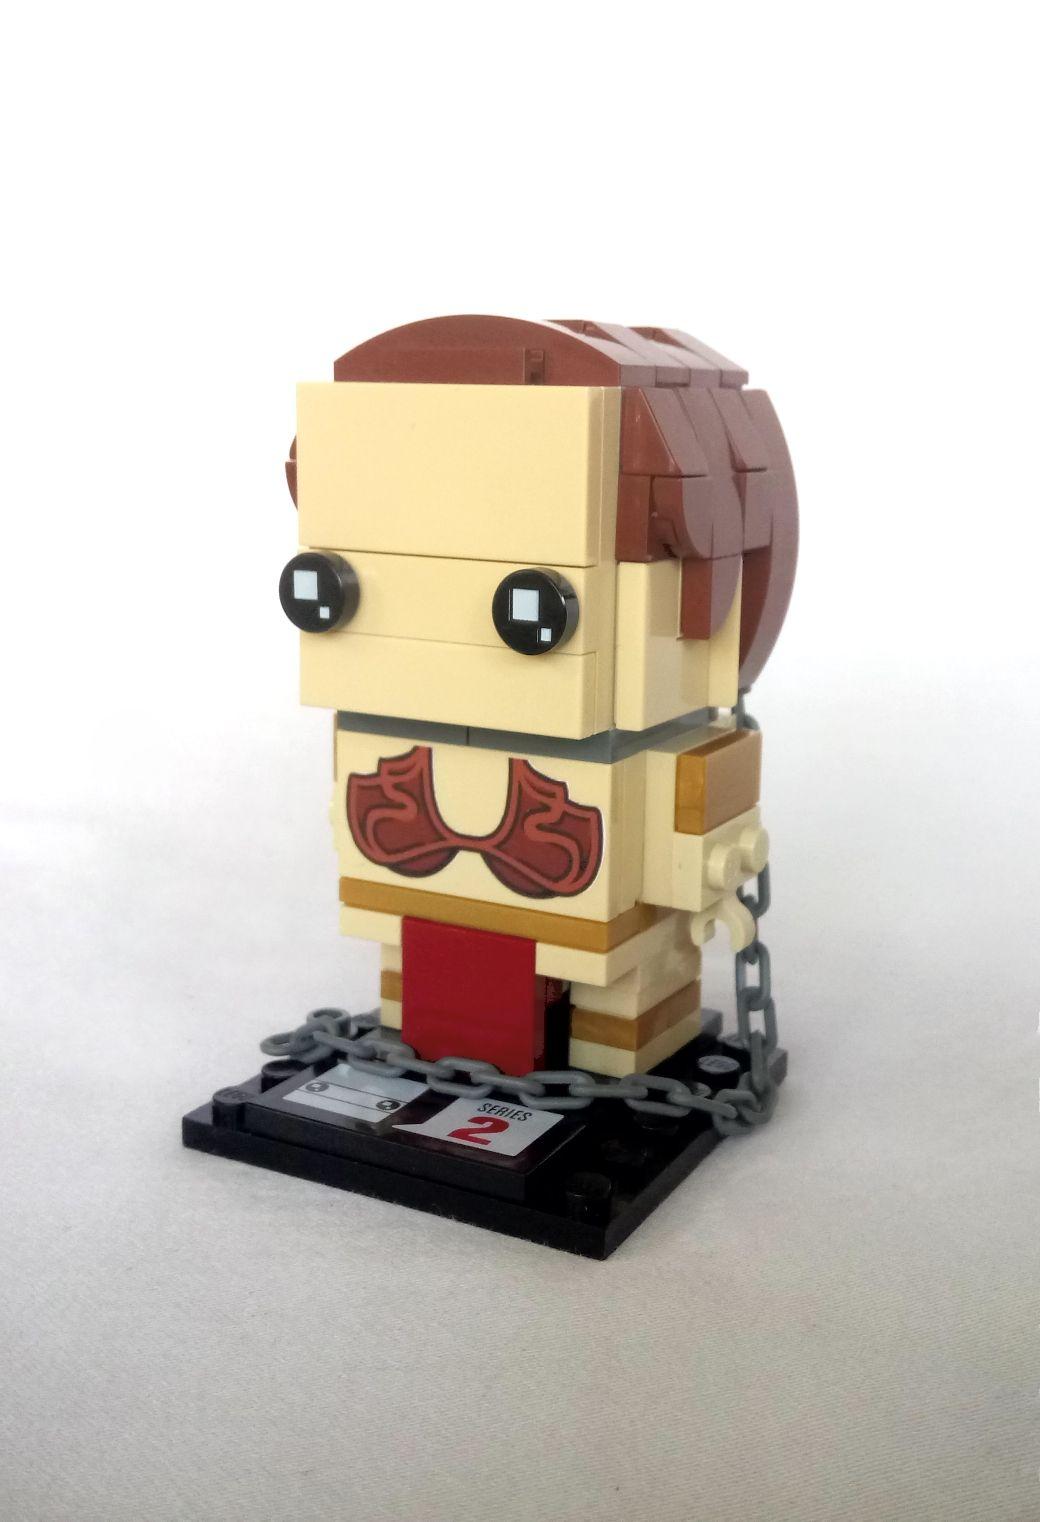 Lego Brickheadz Slave Leia By Tom Vanhaelen Models